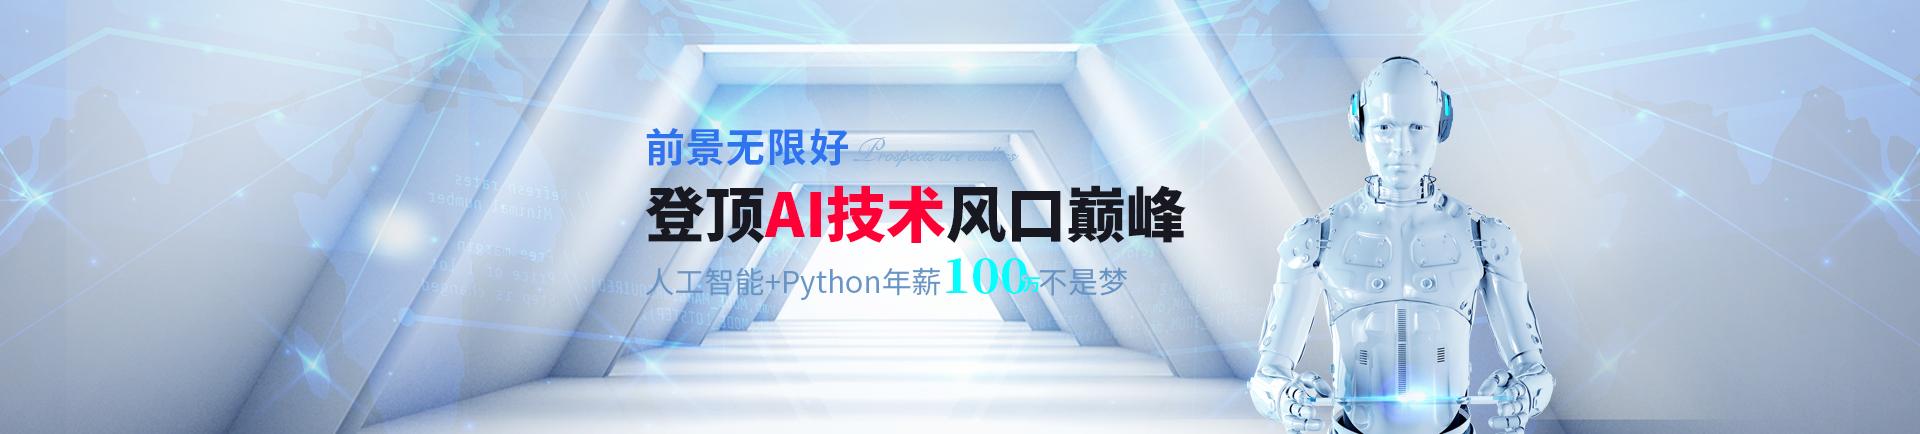 登顶AI技术风�巅峰 人工智能+Python年薪100万�是梦-shanghai